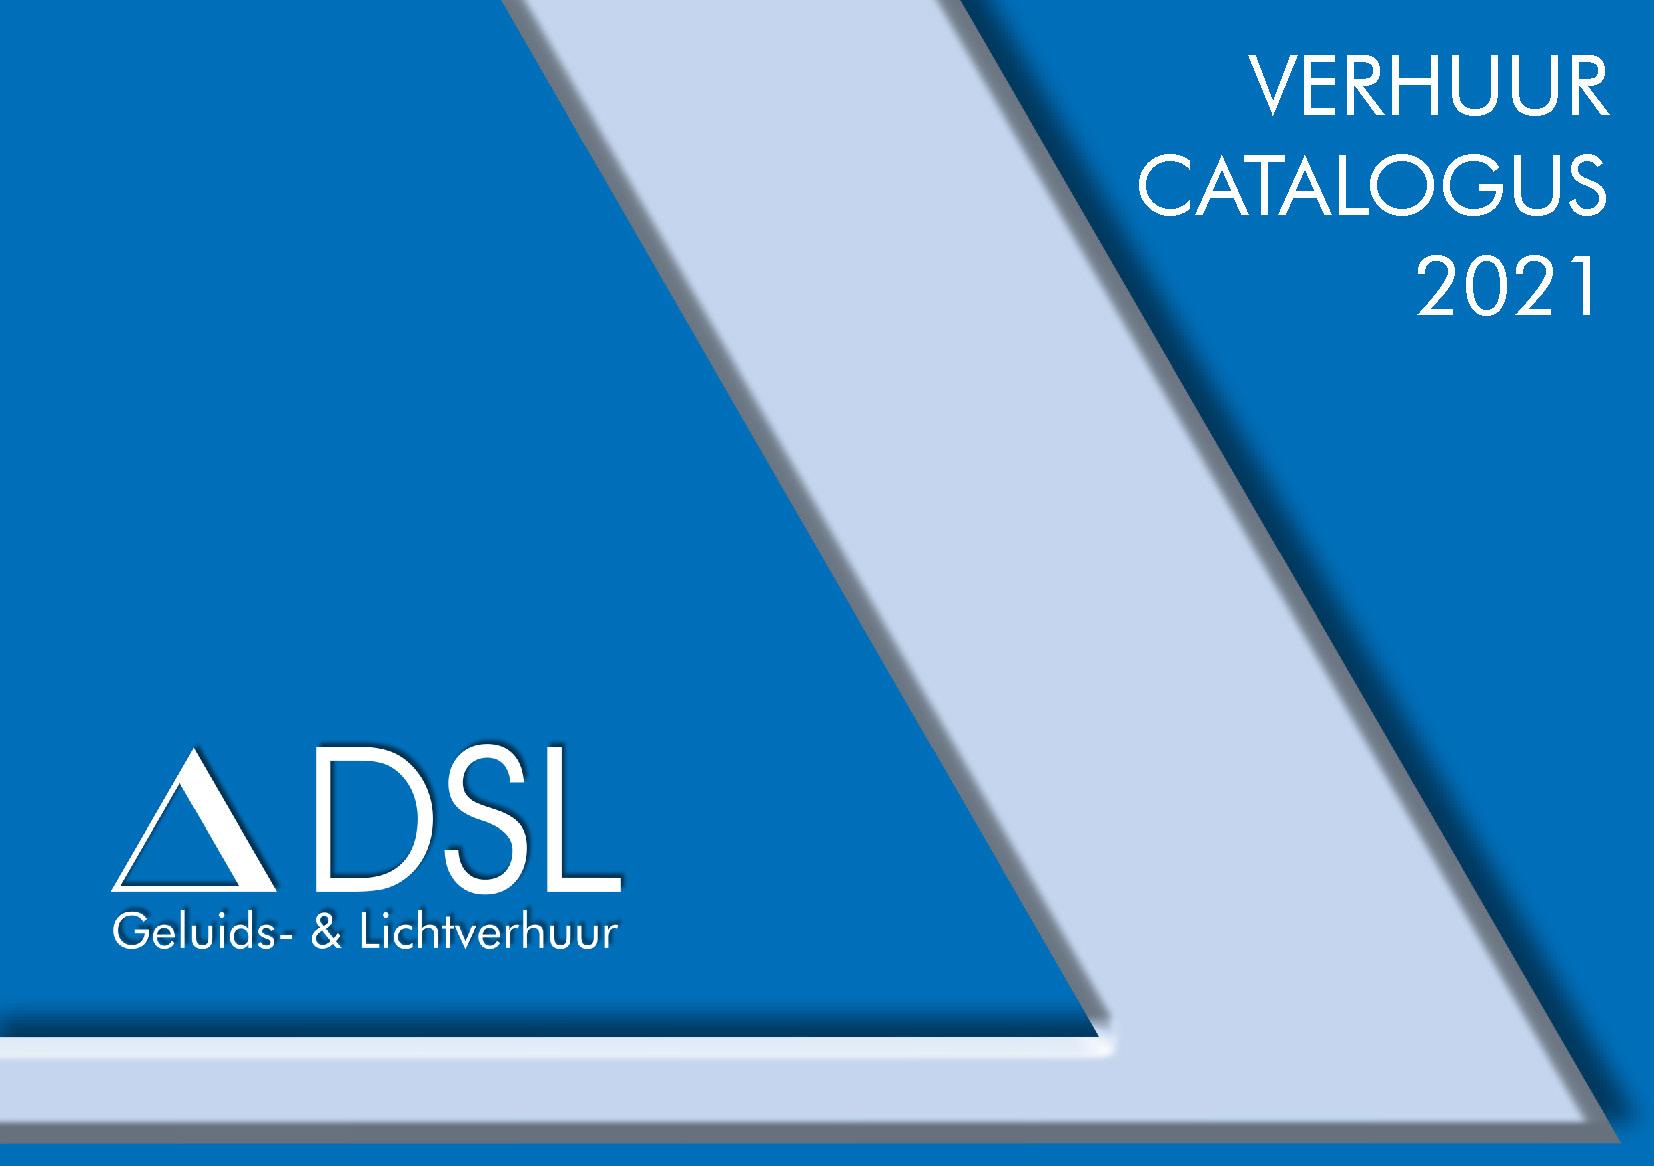 DSL Verhuur catalogus FRONT